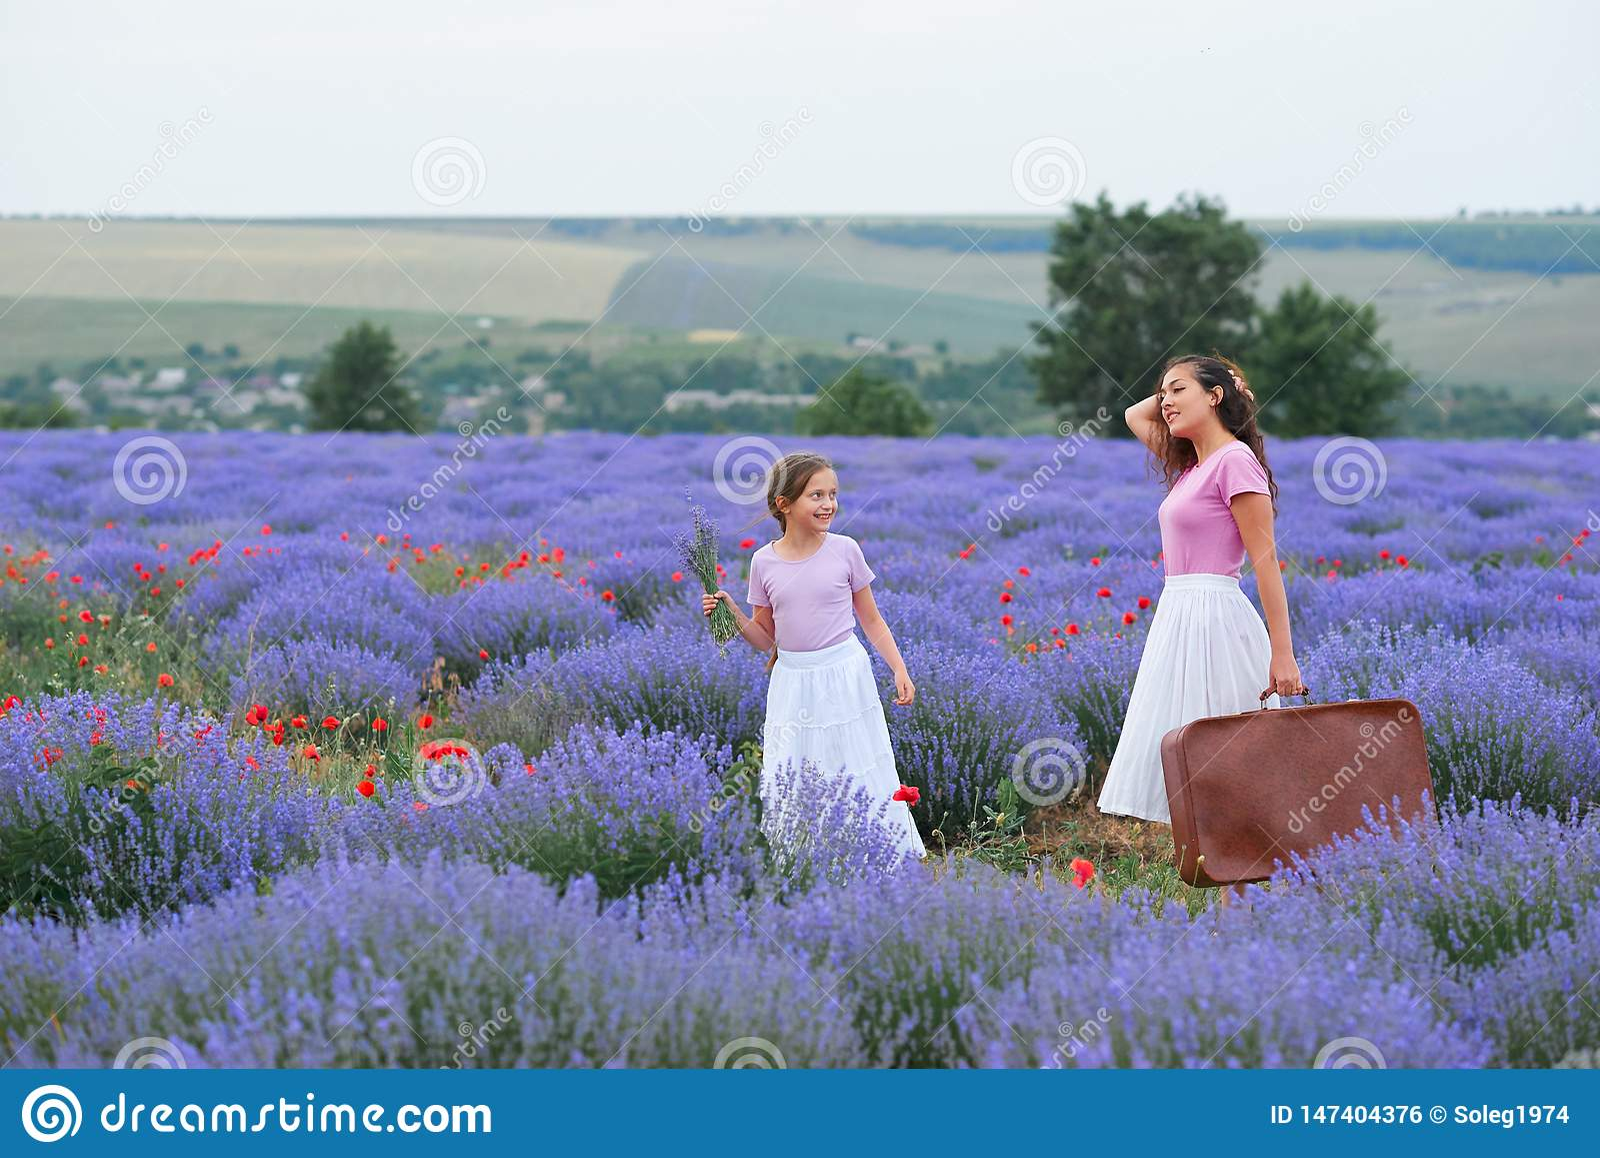 Молодая женщина и девушка идут через поле цветка лаванды, красивый ландшафт лета